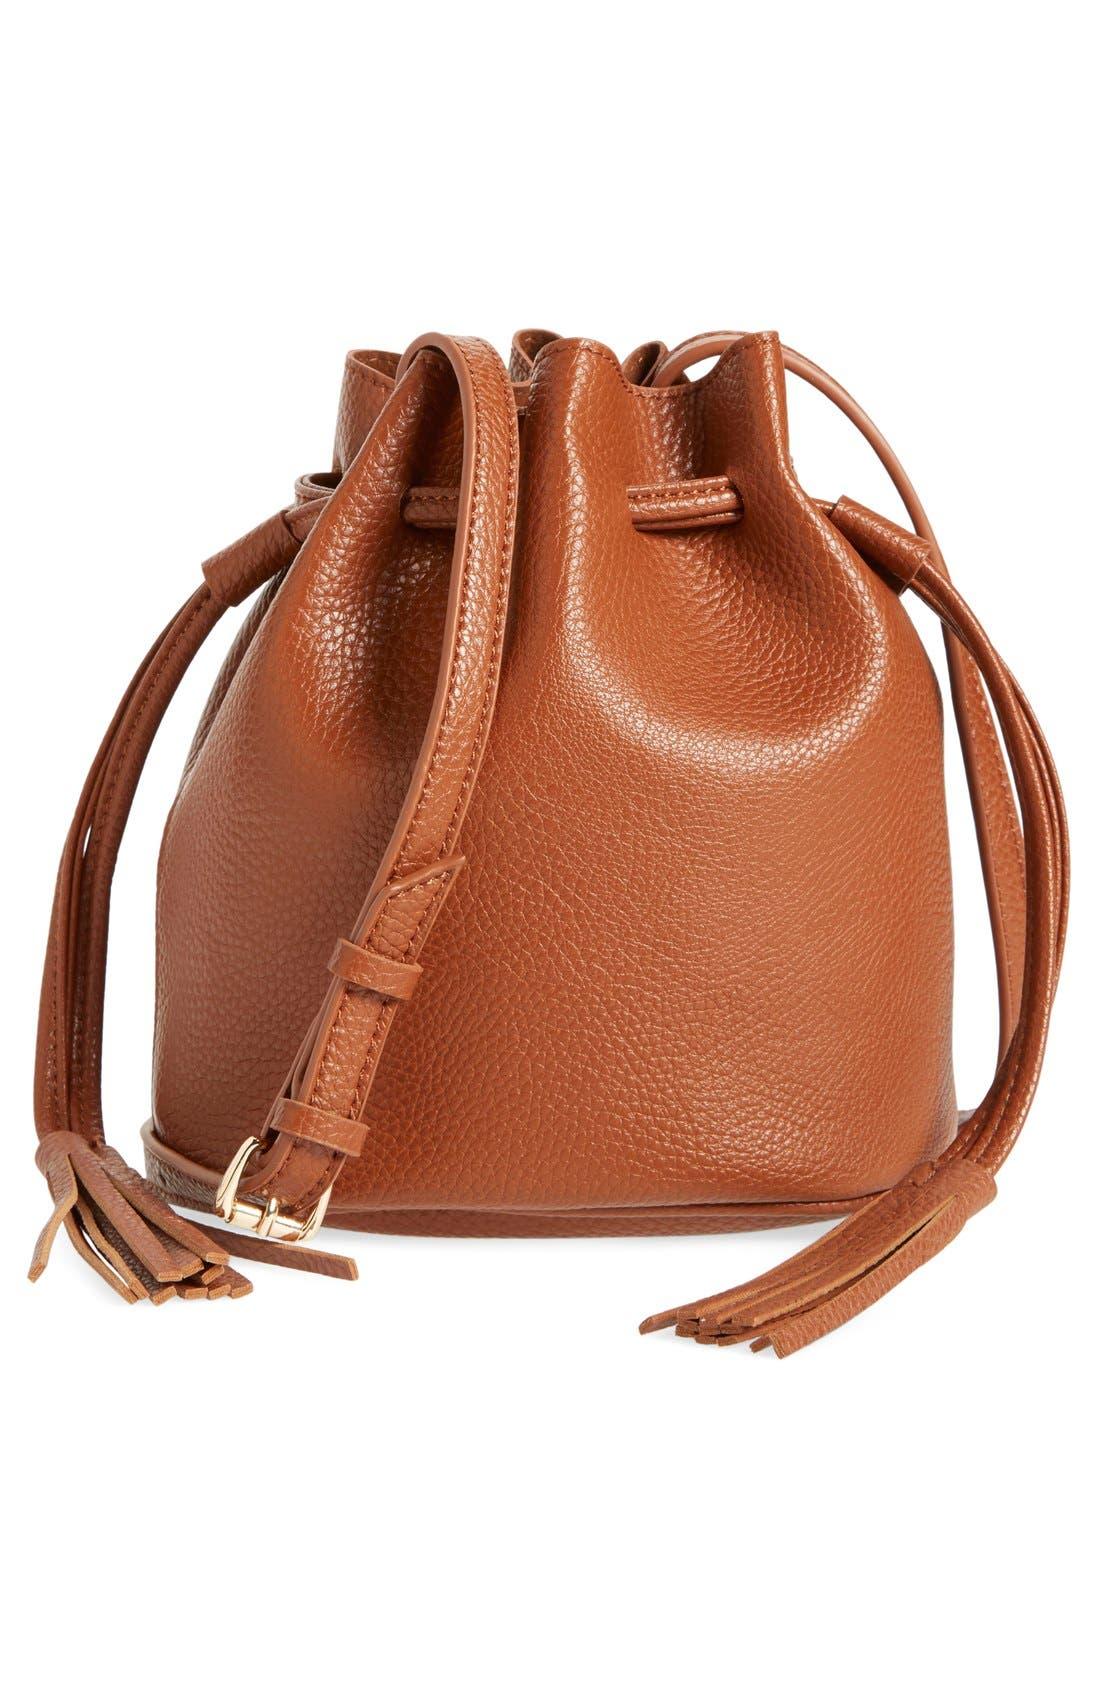 Mini Faux Leather Tassel Bucket Bag,                             Main thumbnail 1, color,                             Cognac